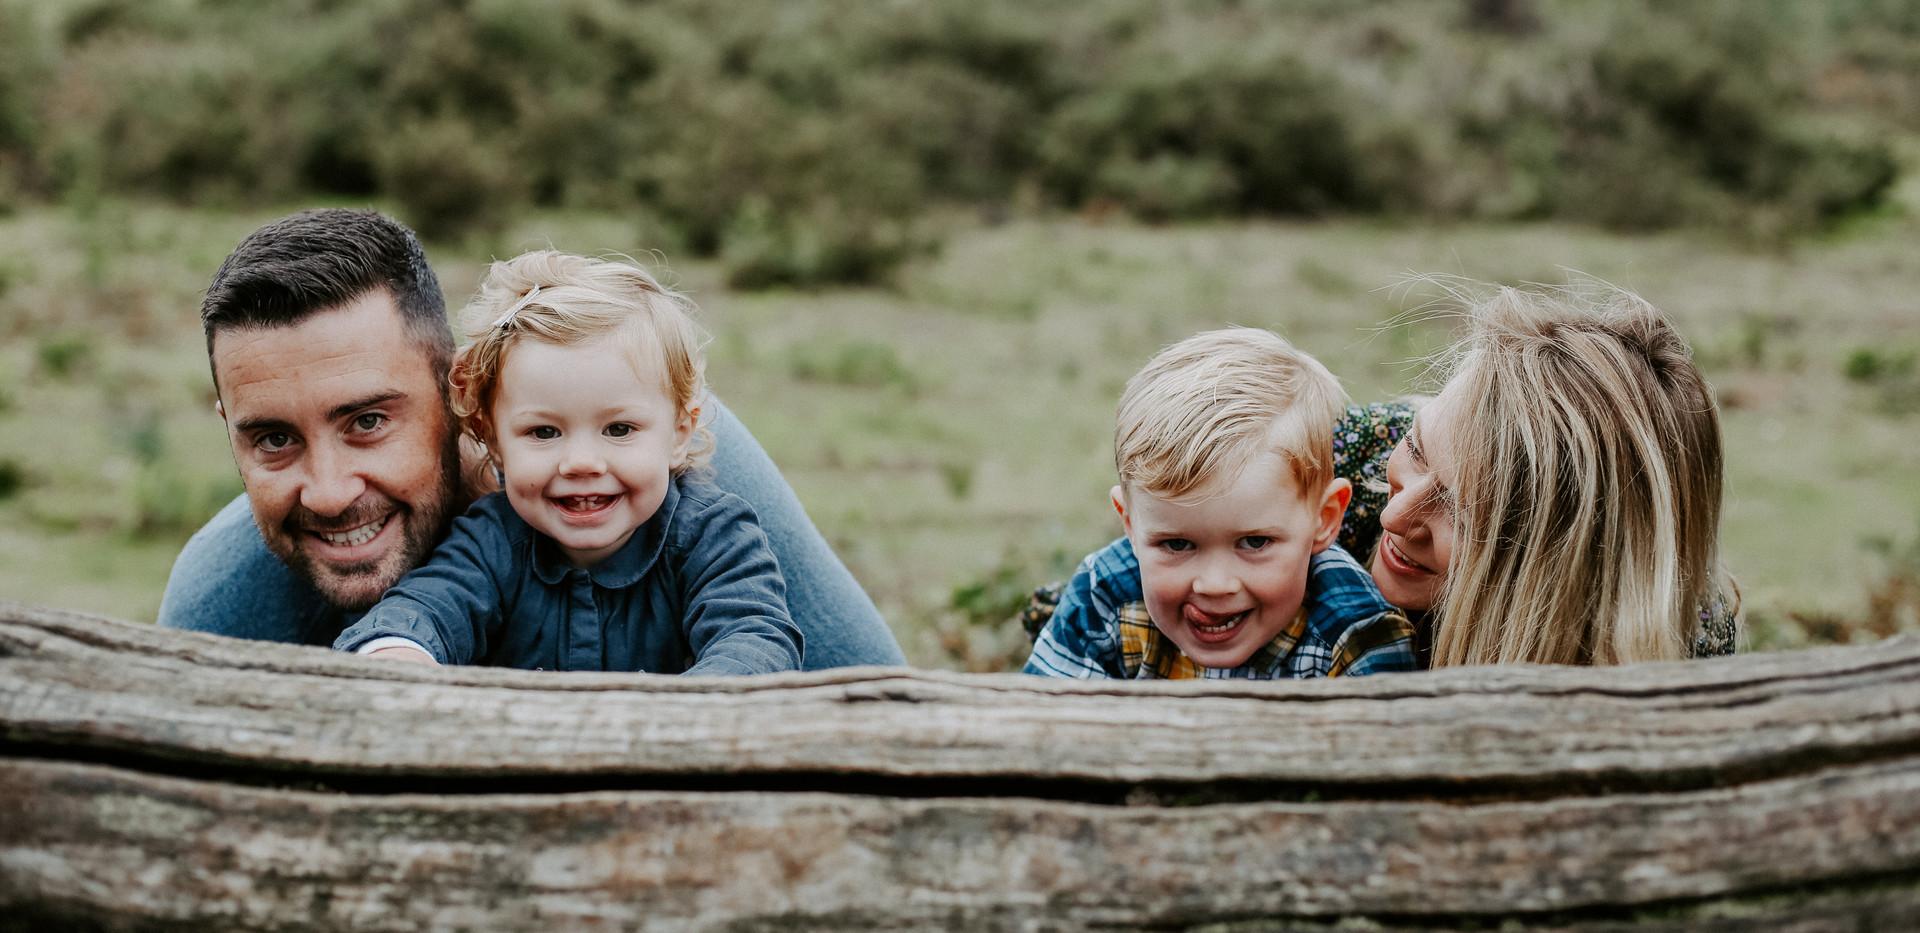 Family Ashleigh Joy Photography-21.jpg